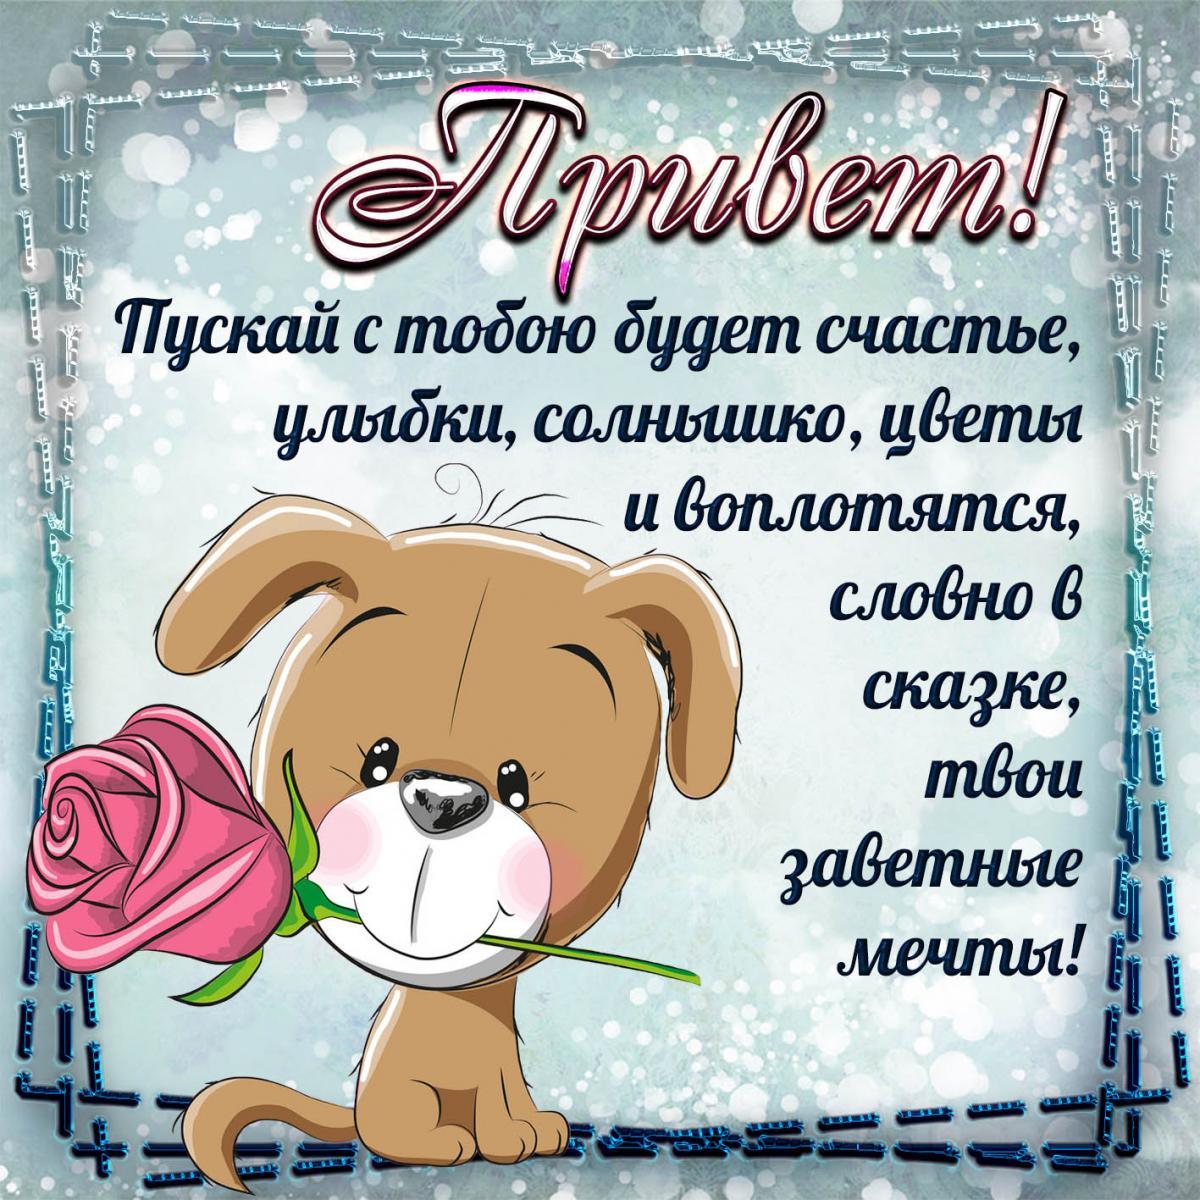 Прикольные картинки приветствия/ фото fresh-cards.ru